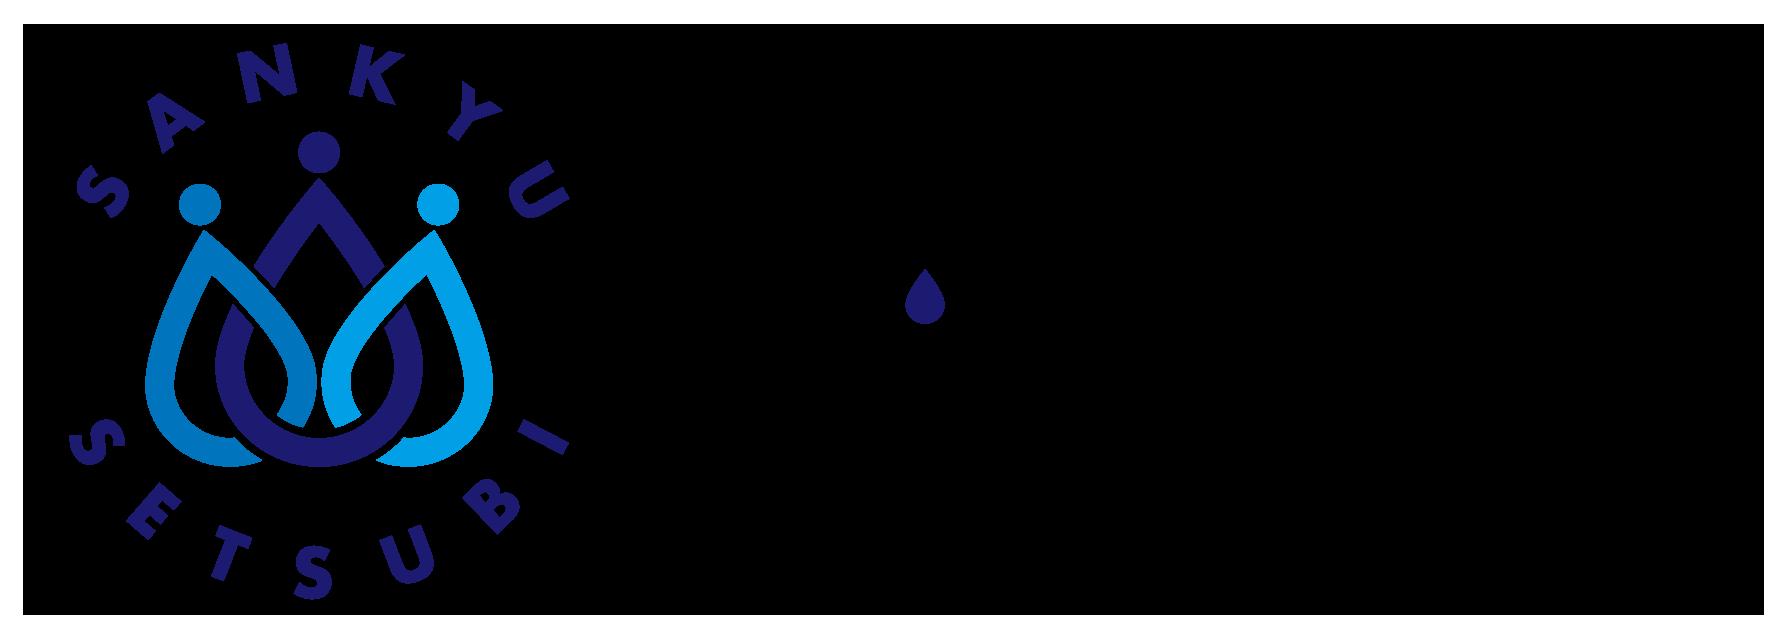 建築/建設/設備/設計/造園と親しみ/優しいと青のロゴ